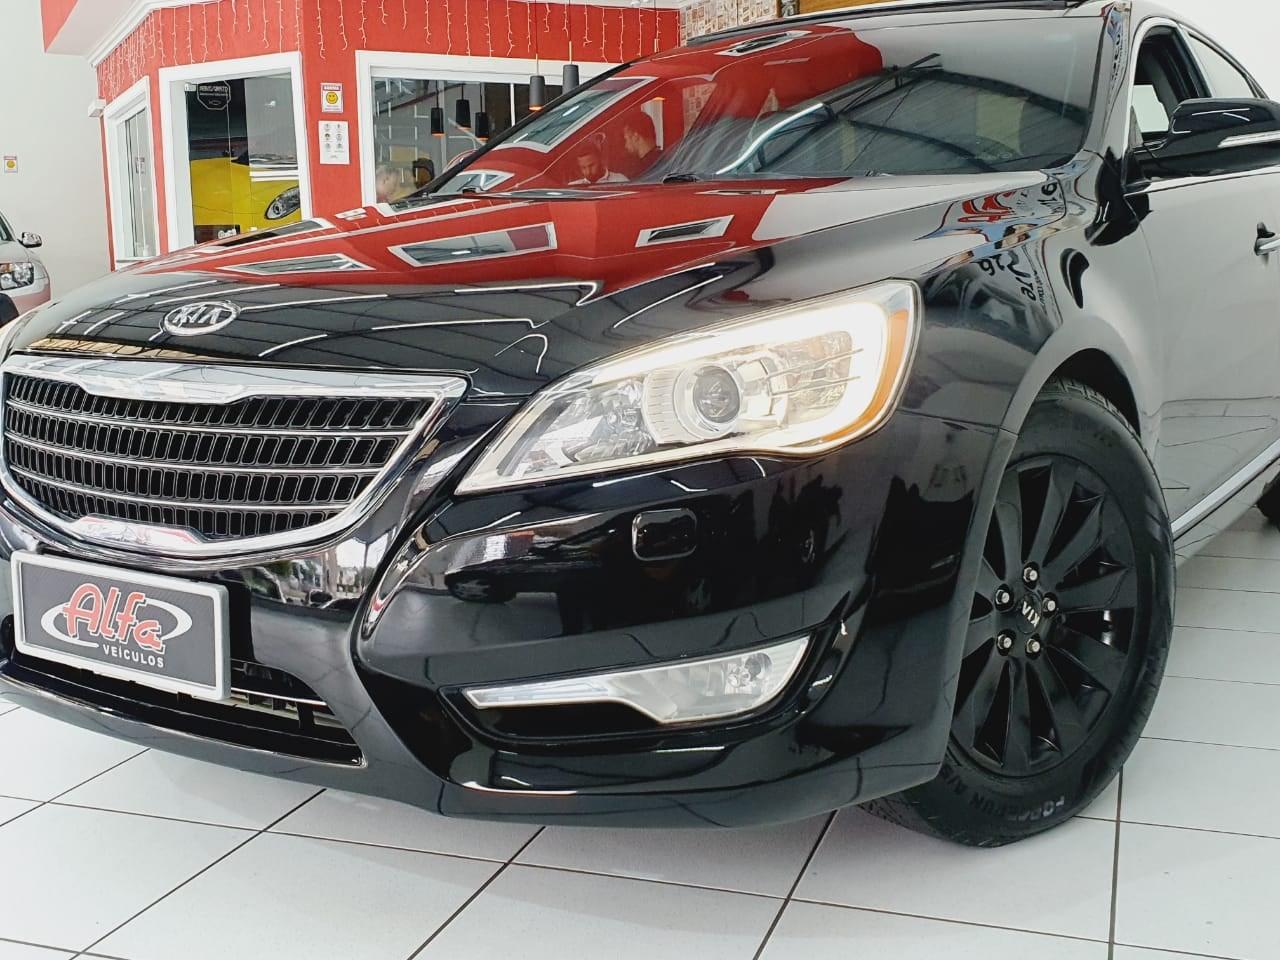 //www.autoline.com.br/carro/kia/cadenza-35-ex-24v-gasolina-4p-automatico/2011/sao-paulo-sp/13625968